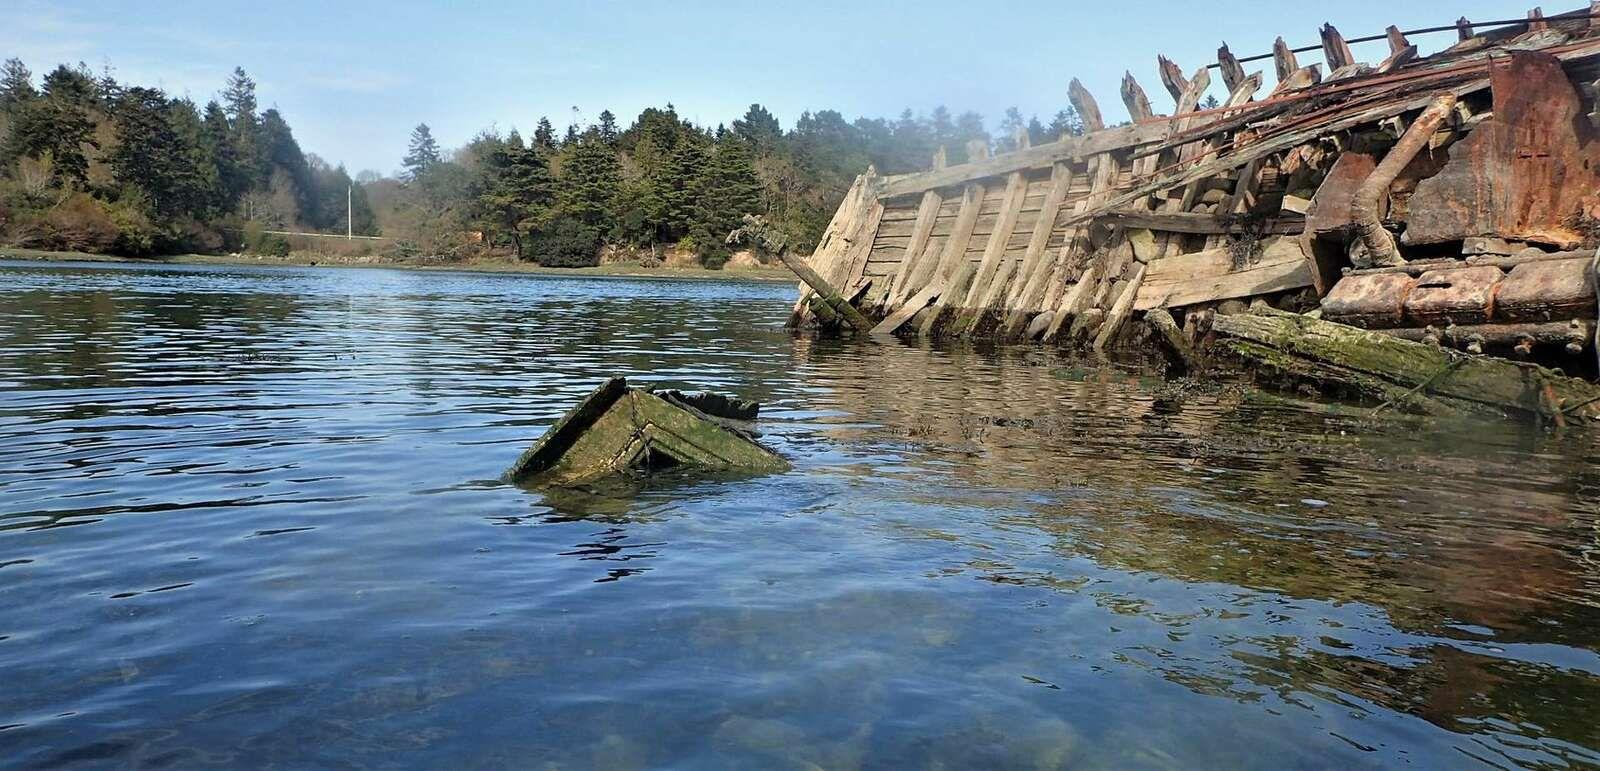 Bénodet : cimetière de bateaux et rolls